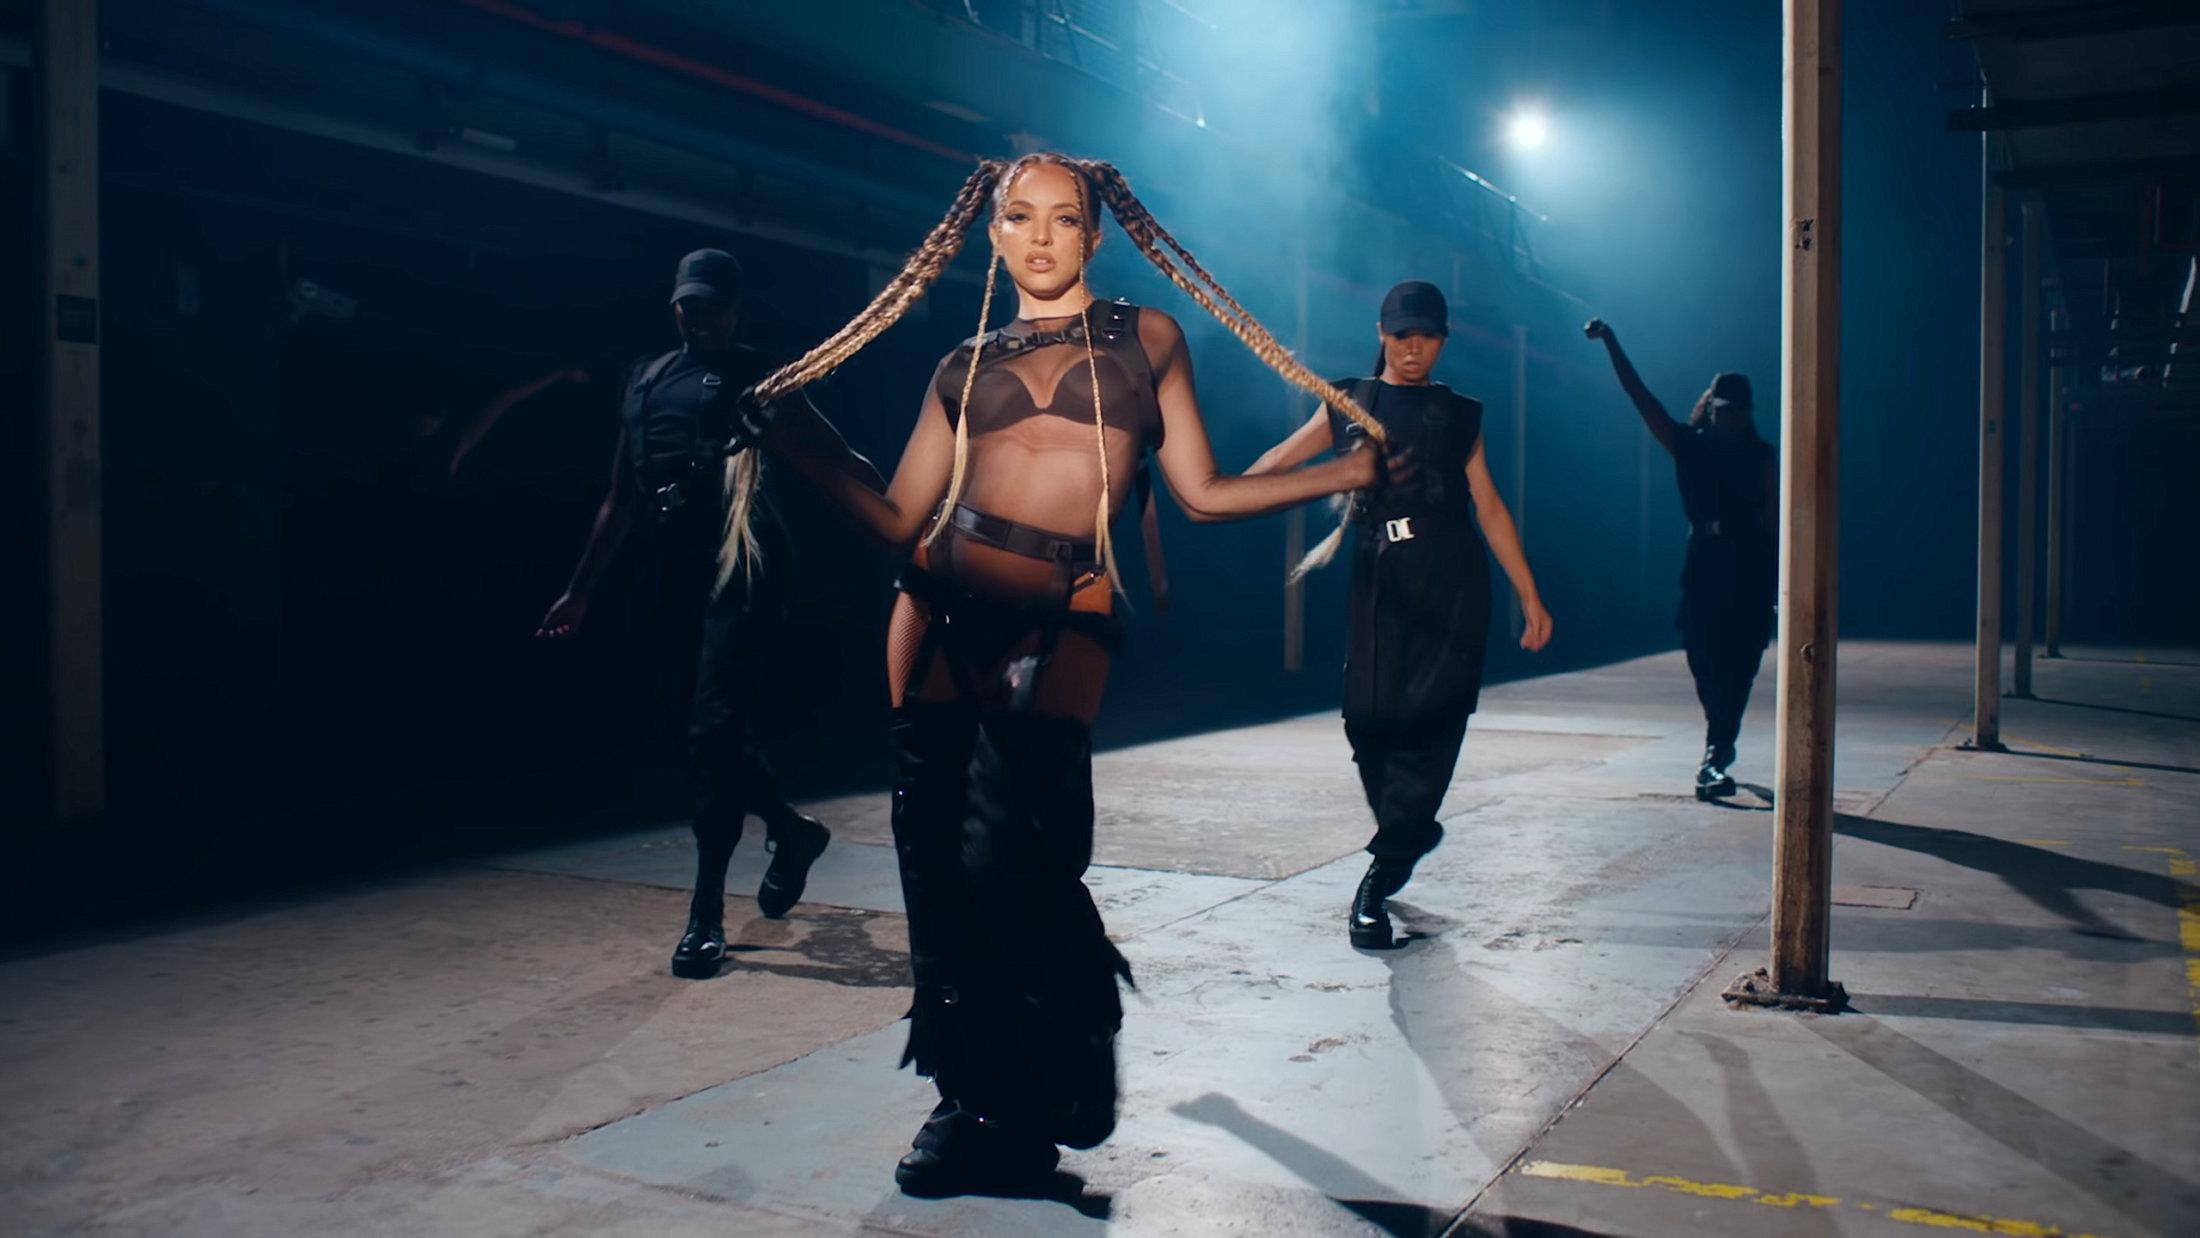 Little Mix - Sweet Melody (Official Video) 0-17 Screenshot